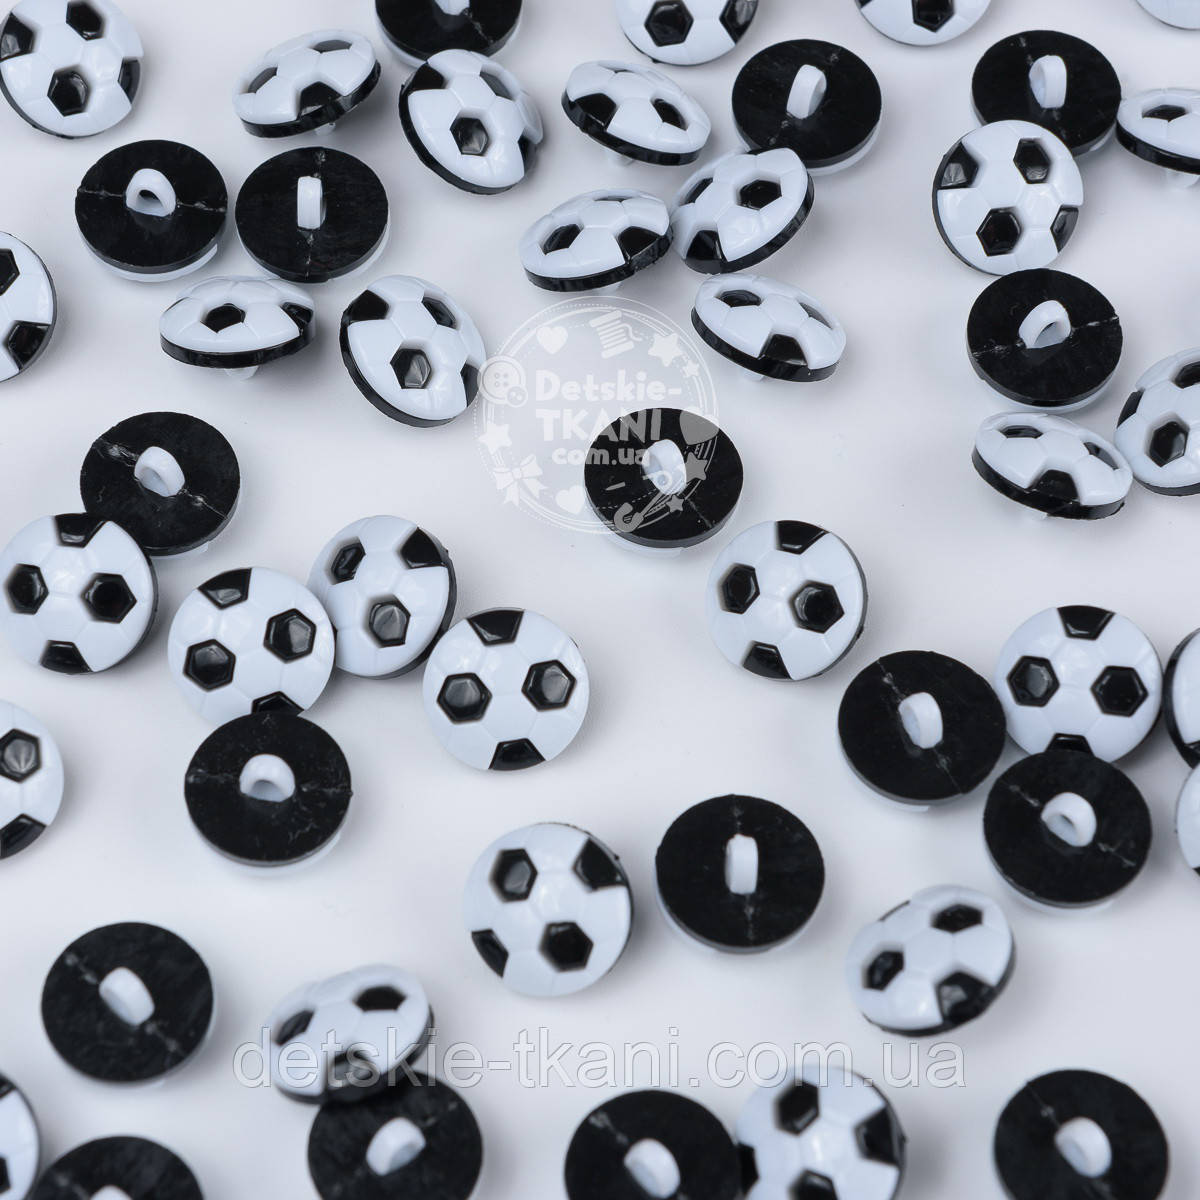 """Пуговицы """"Футбольные мячи"""" бело-чёрные  П-029"""